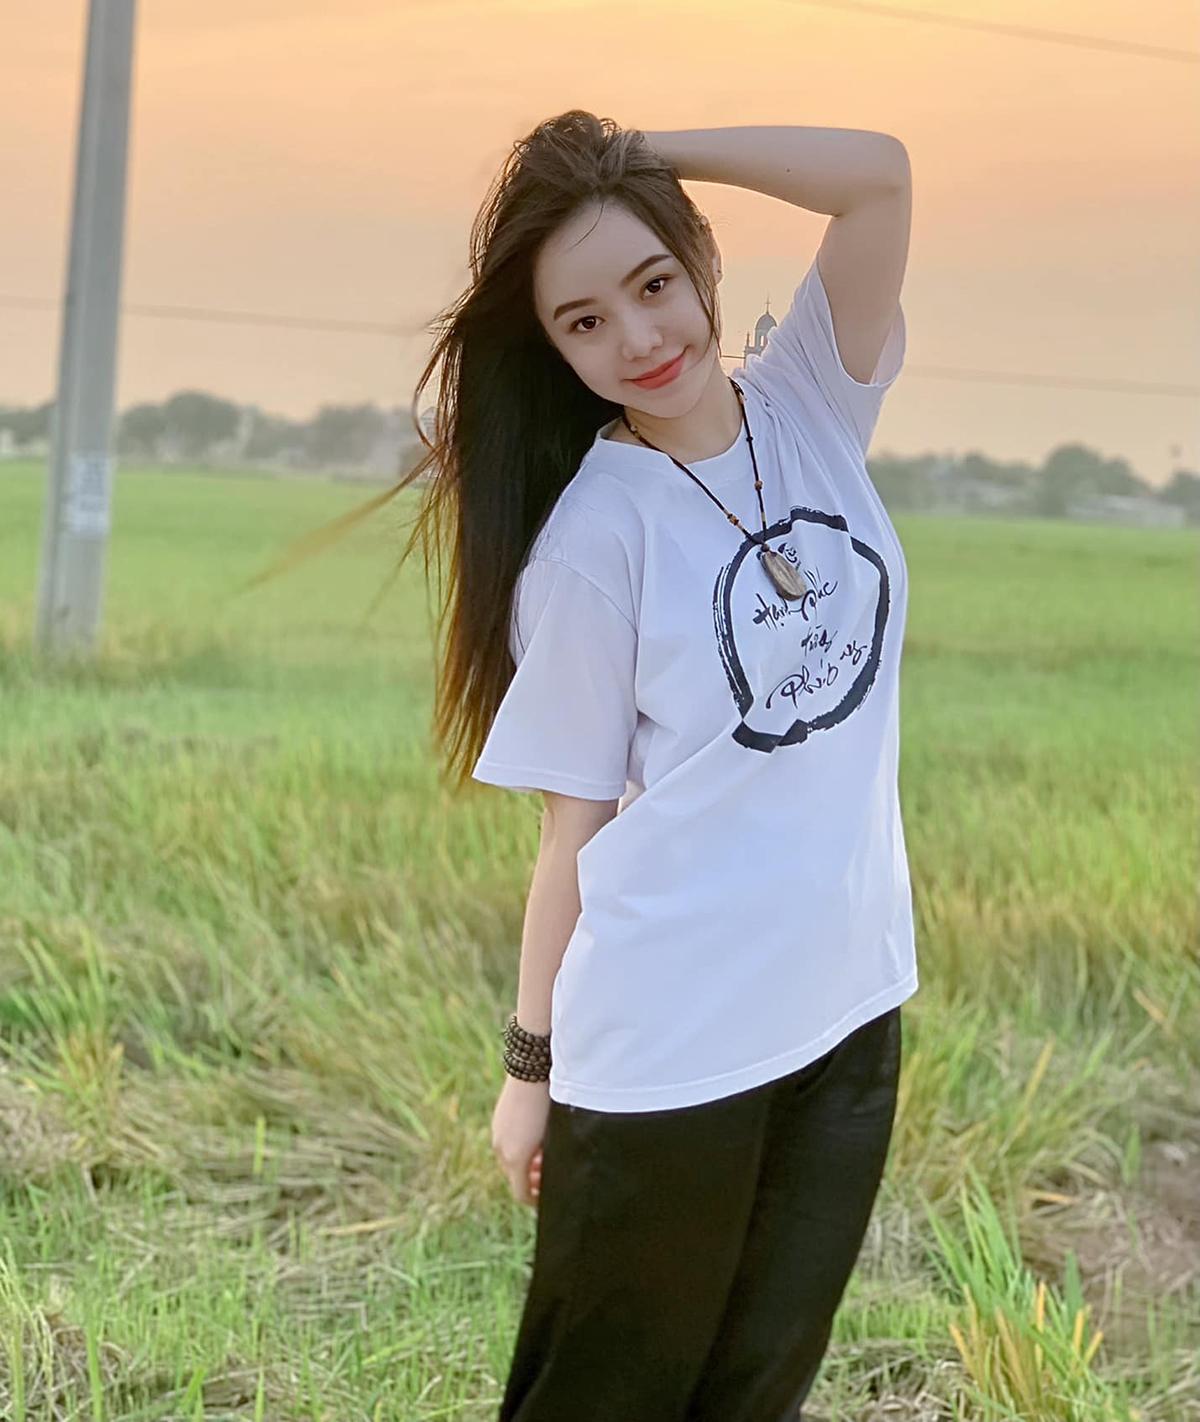 Quỳnh Kool khoe vẻ đẹp ngây thơ, trong trẻo bên đồng lúa.